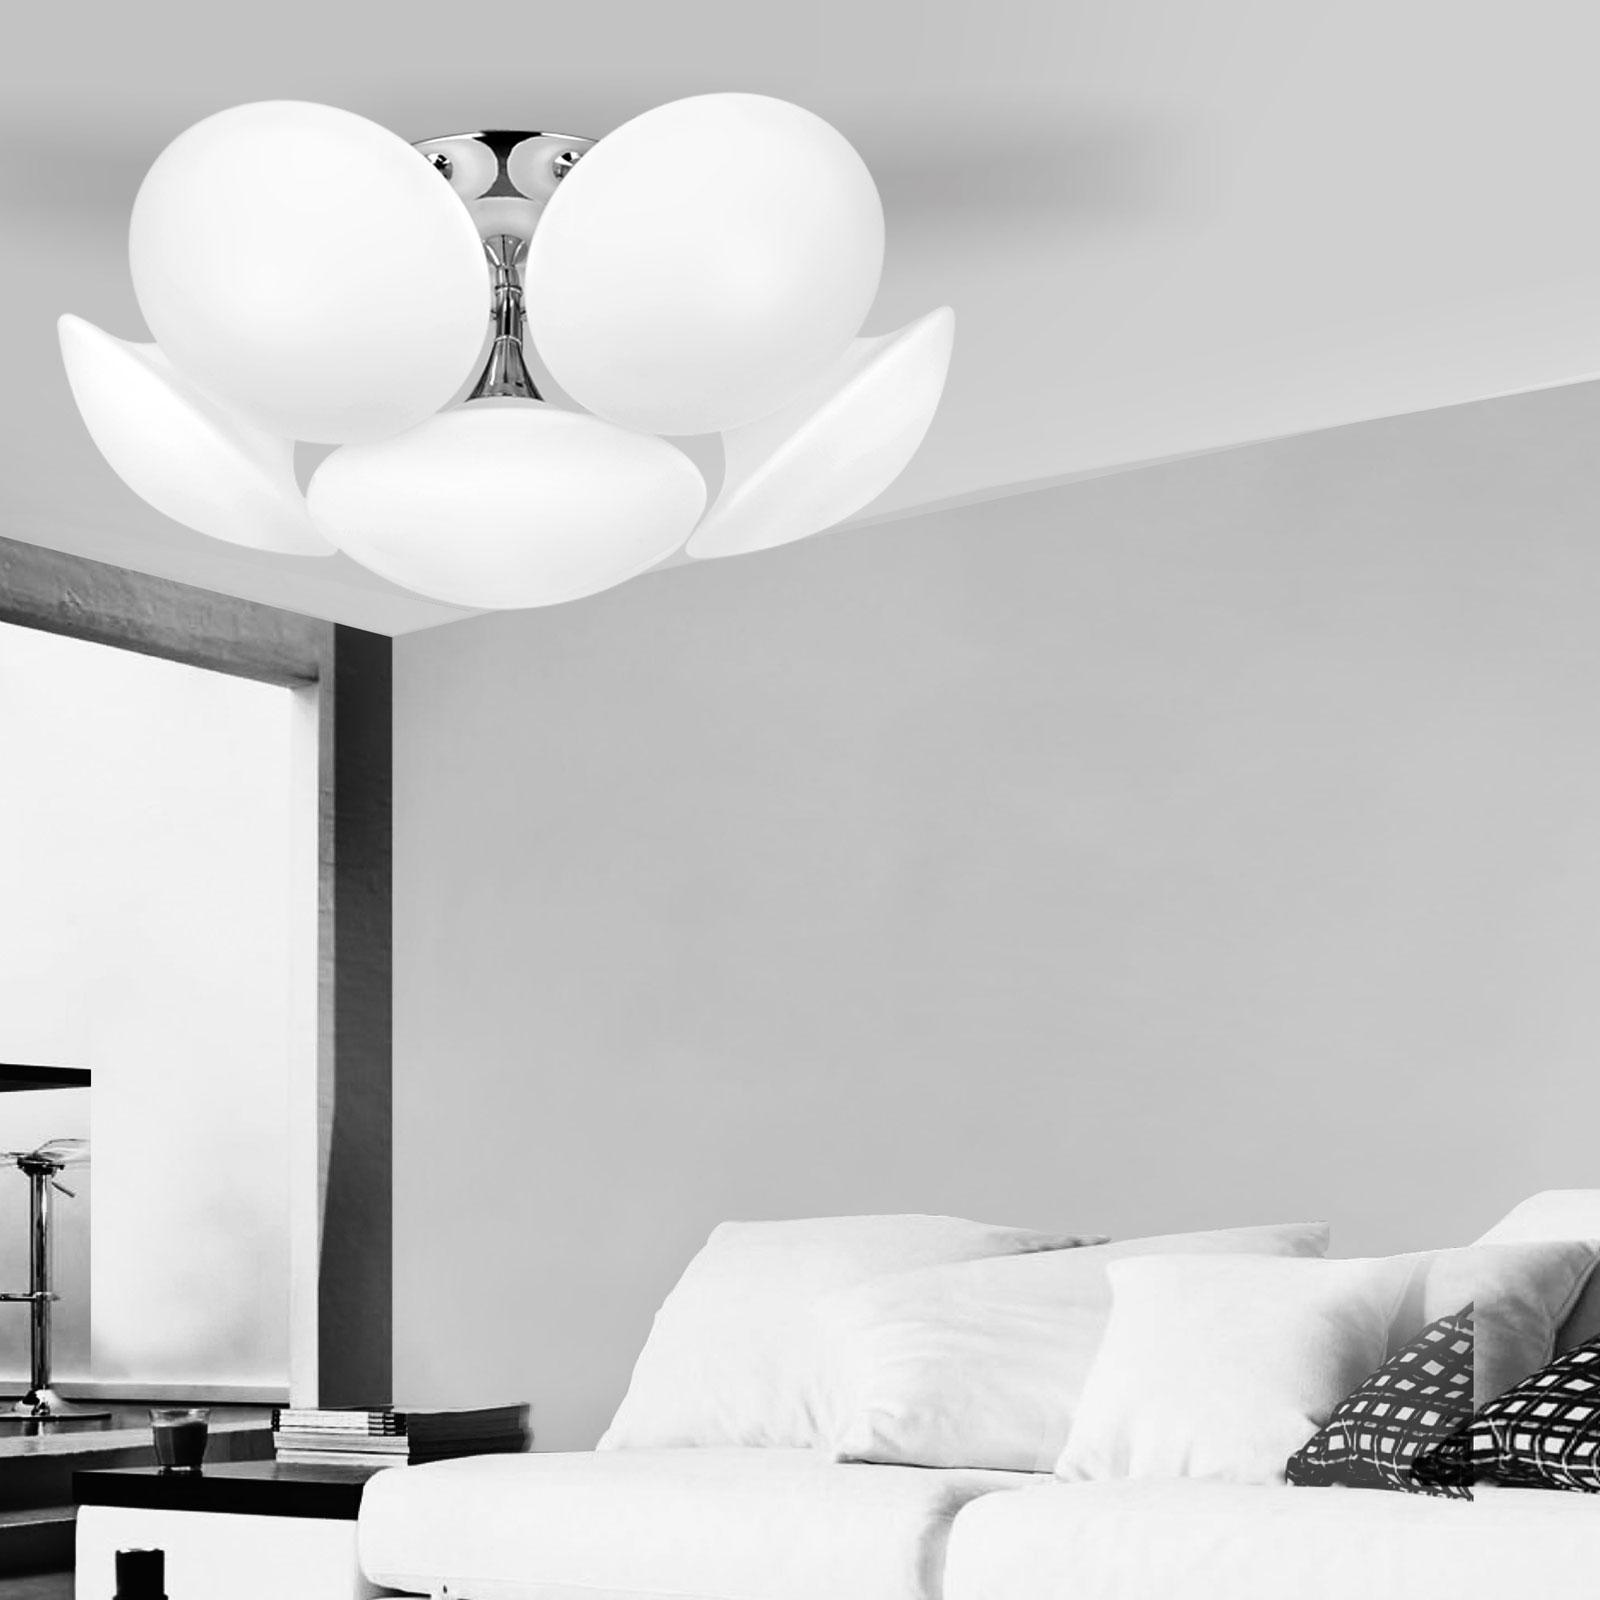 Full Size of Wohnzimmer Deckenleuchte Modern Deckenlampen Deckenleuchten Led Dimmbar Mit Fernbedienung Deckenlampe Ikea Holz Holzdecke Design 6 Falmmig Glas Vorhänge Wohnzimmer Wohnzimmer Deckenlampe